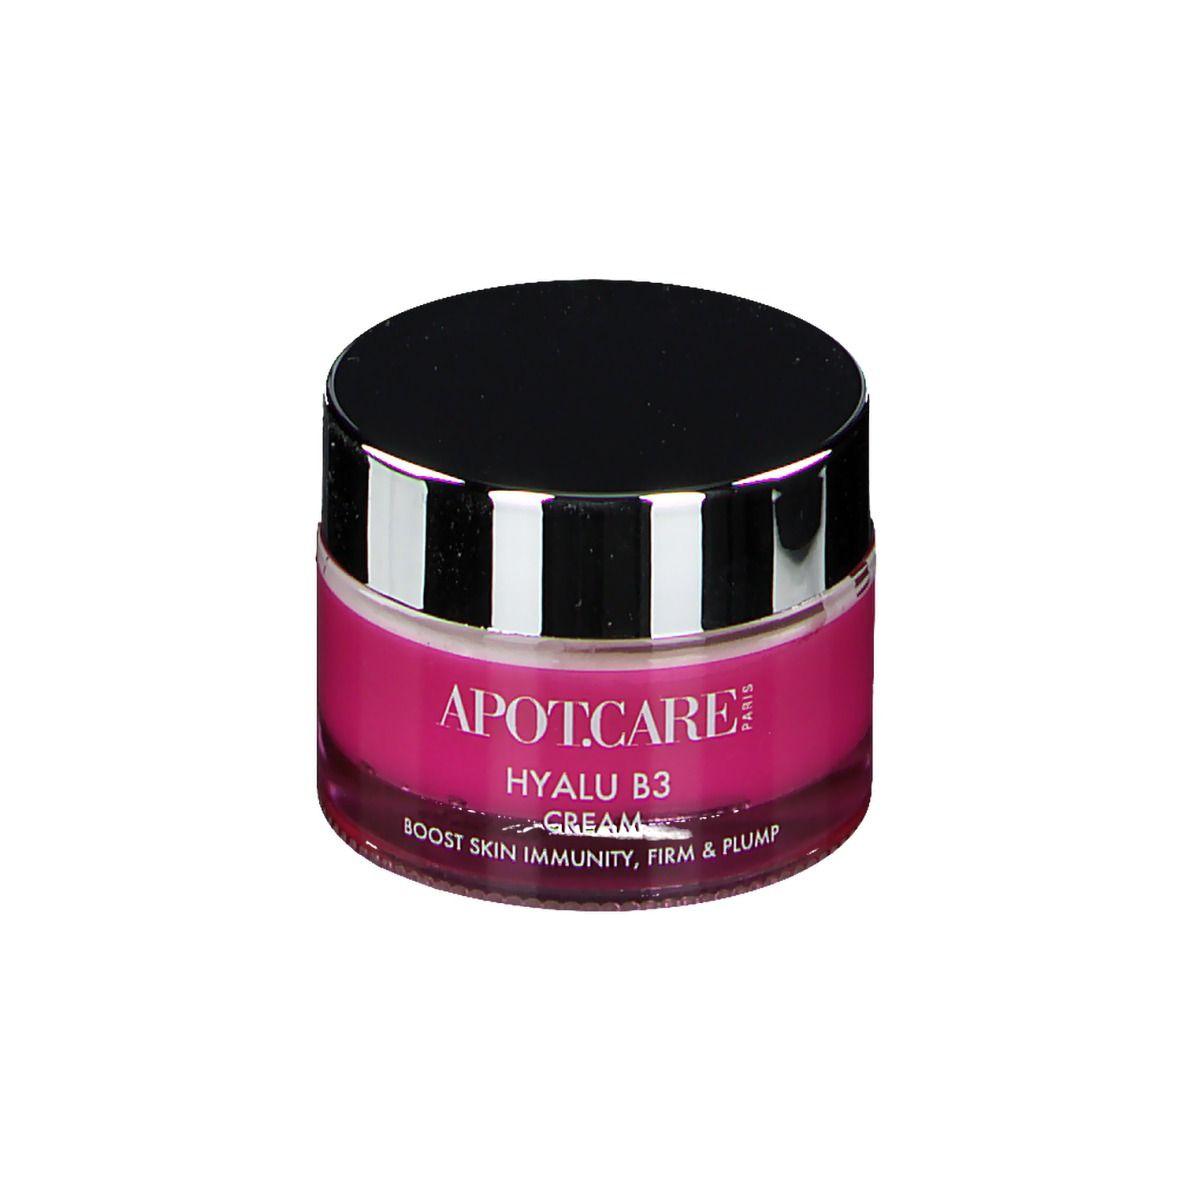 Image of APOT.CARE Hyalu B3 Anti-Falten Creme